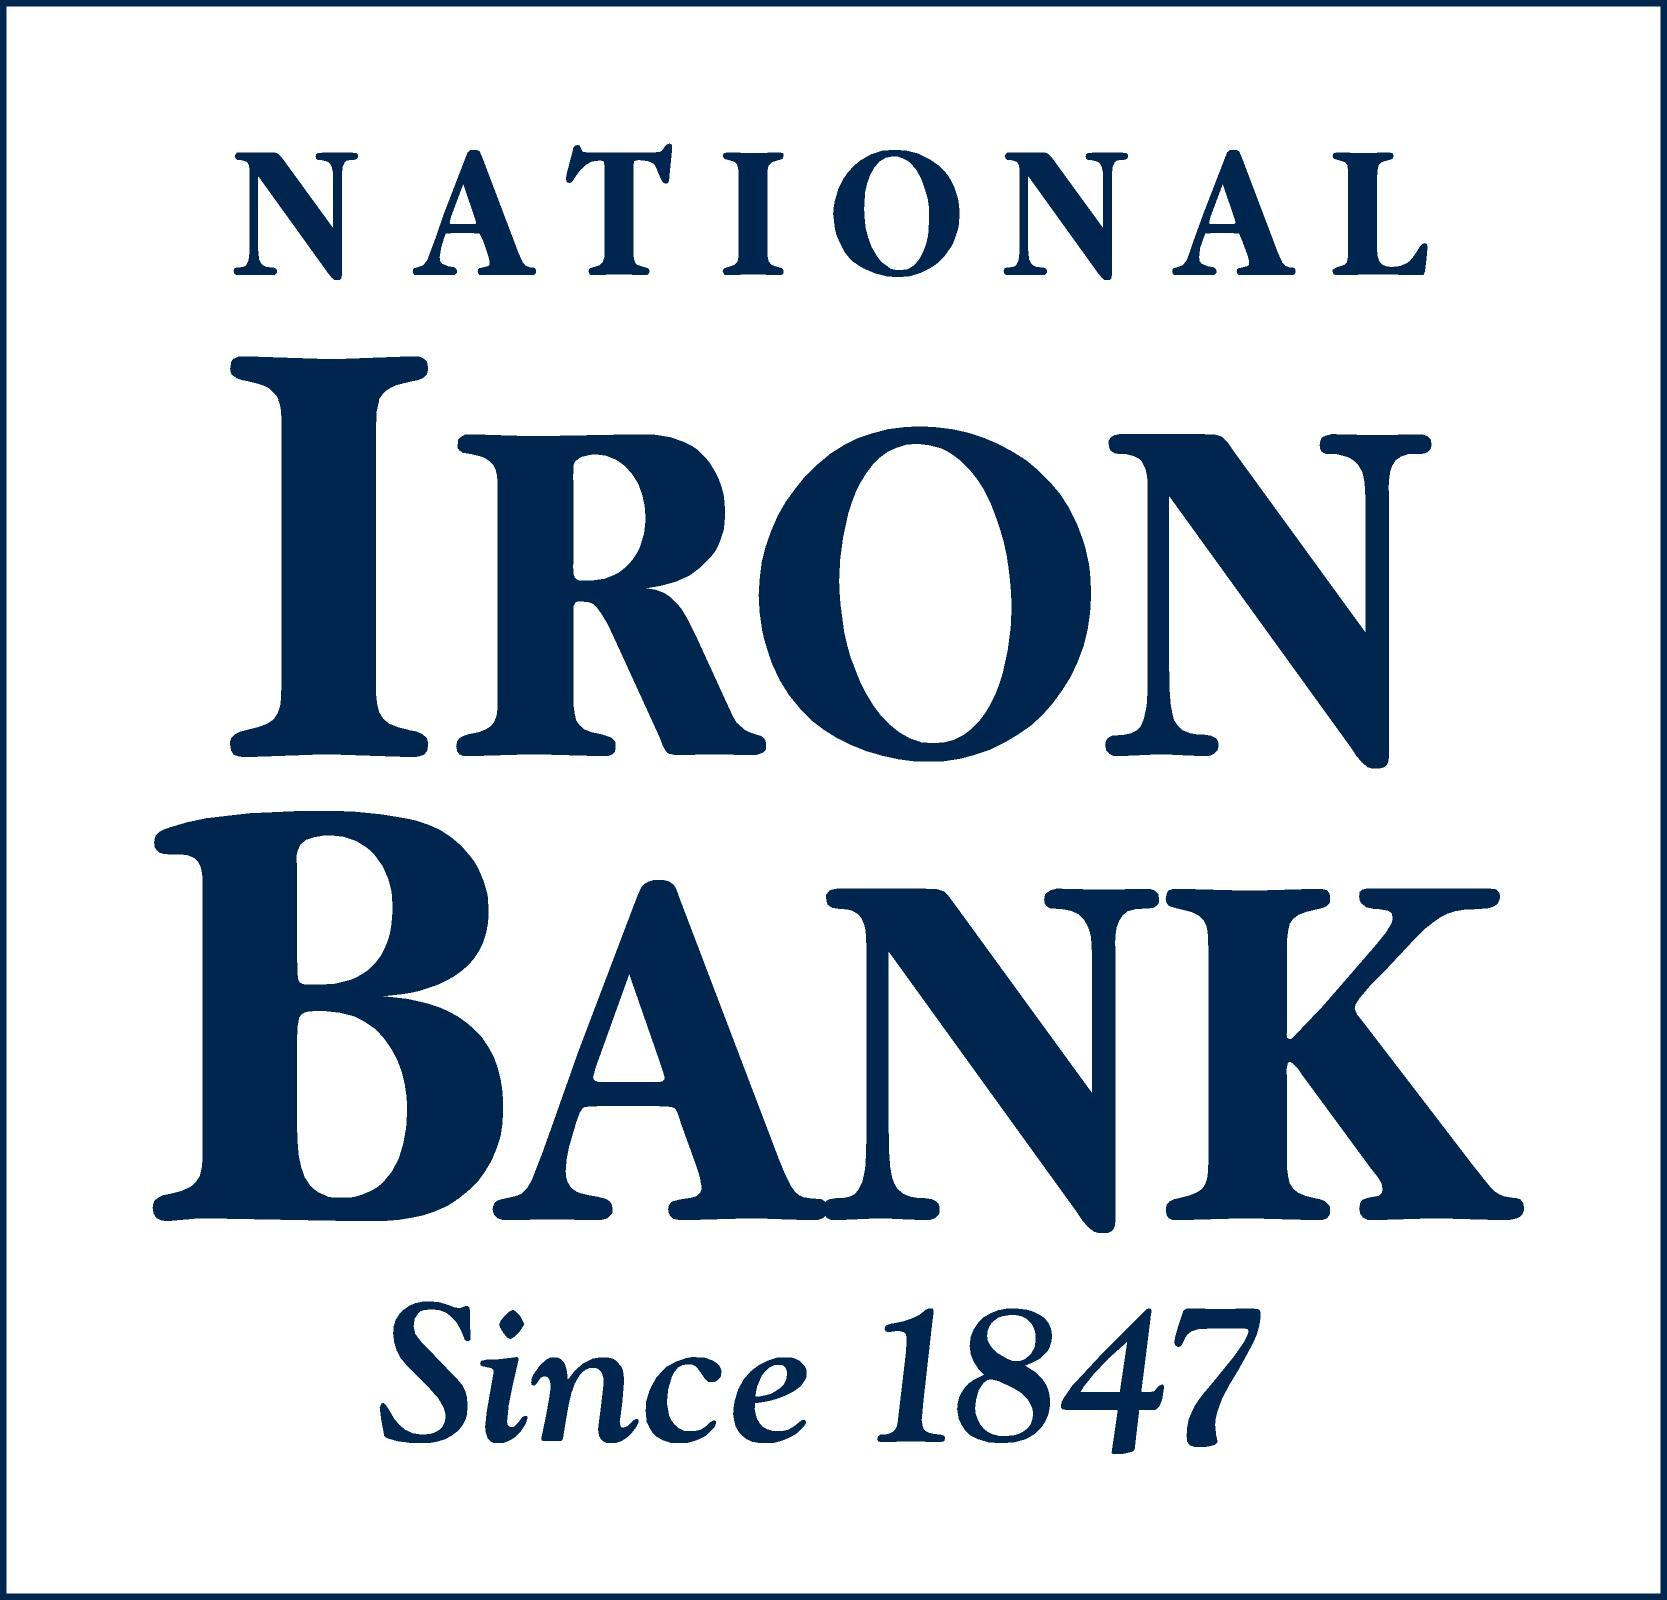 logo image registered by L.O.